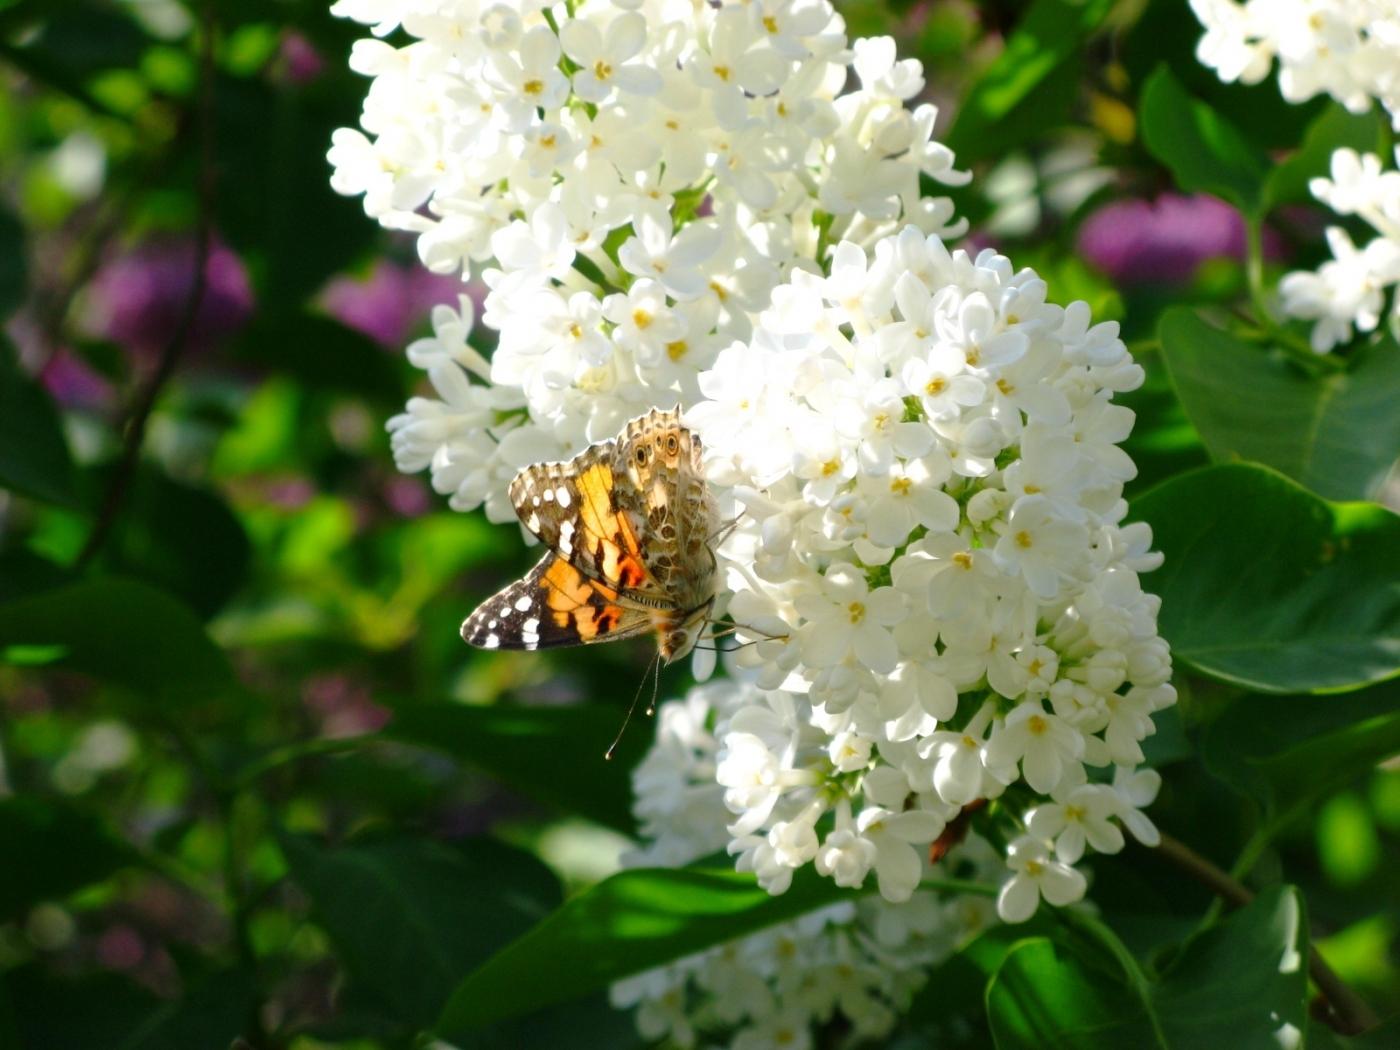 29784 Hintergrundbild herunterladen Schmetterlinge, Insekten - Bildschirmschoner und Bilder kostenlos